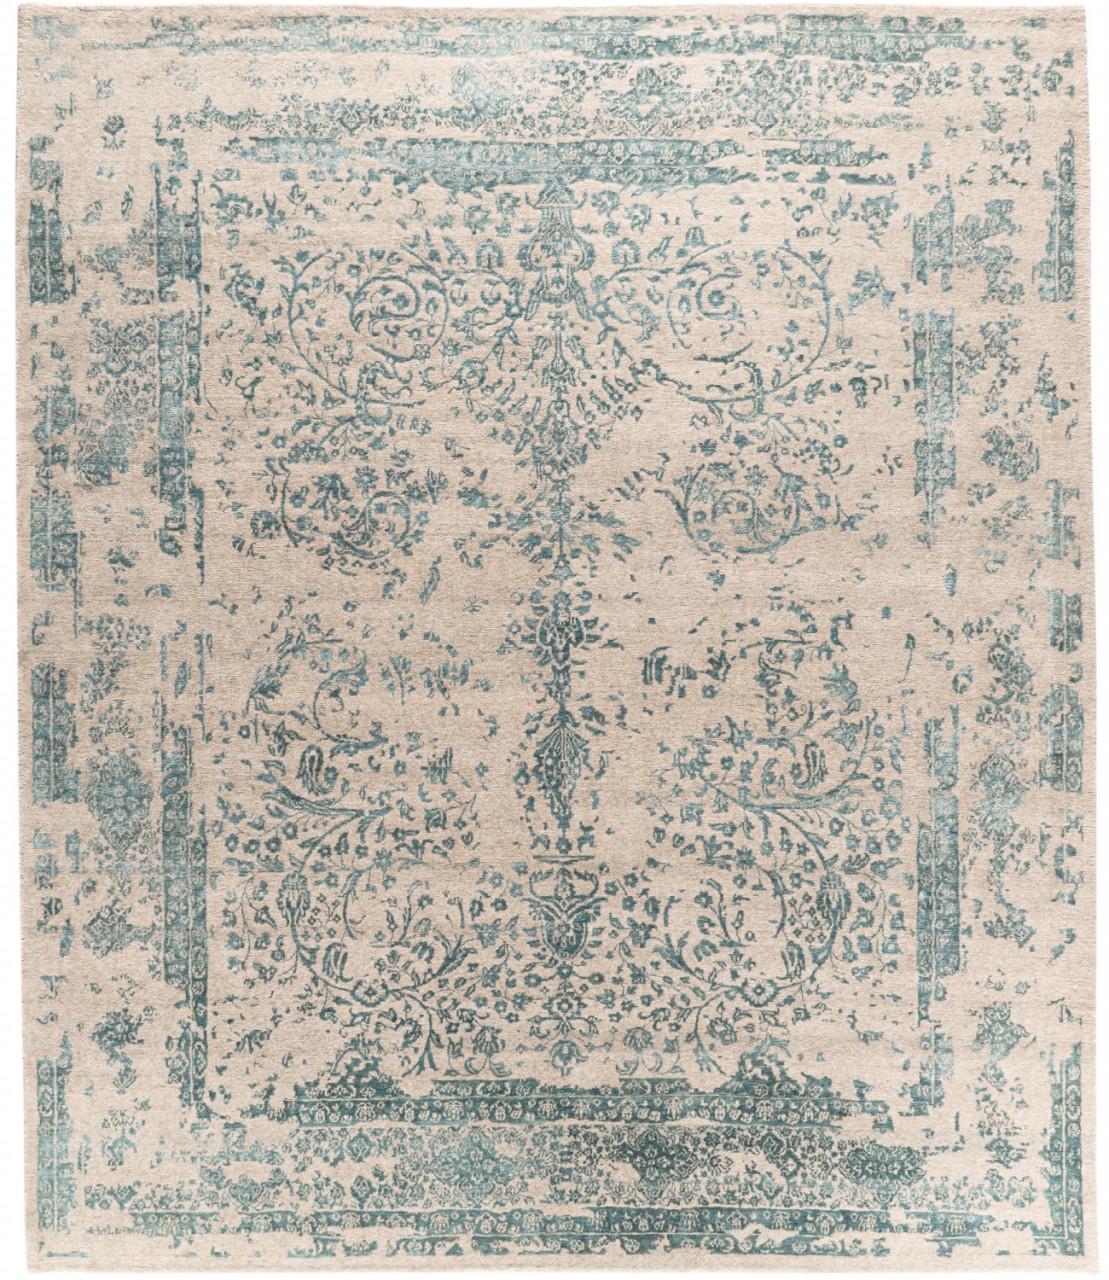 Vintage-Teppich Orientalblue